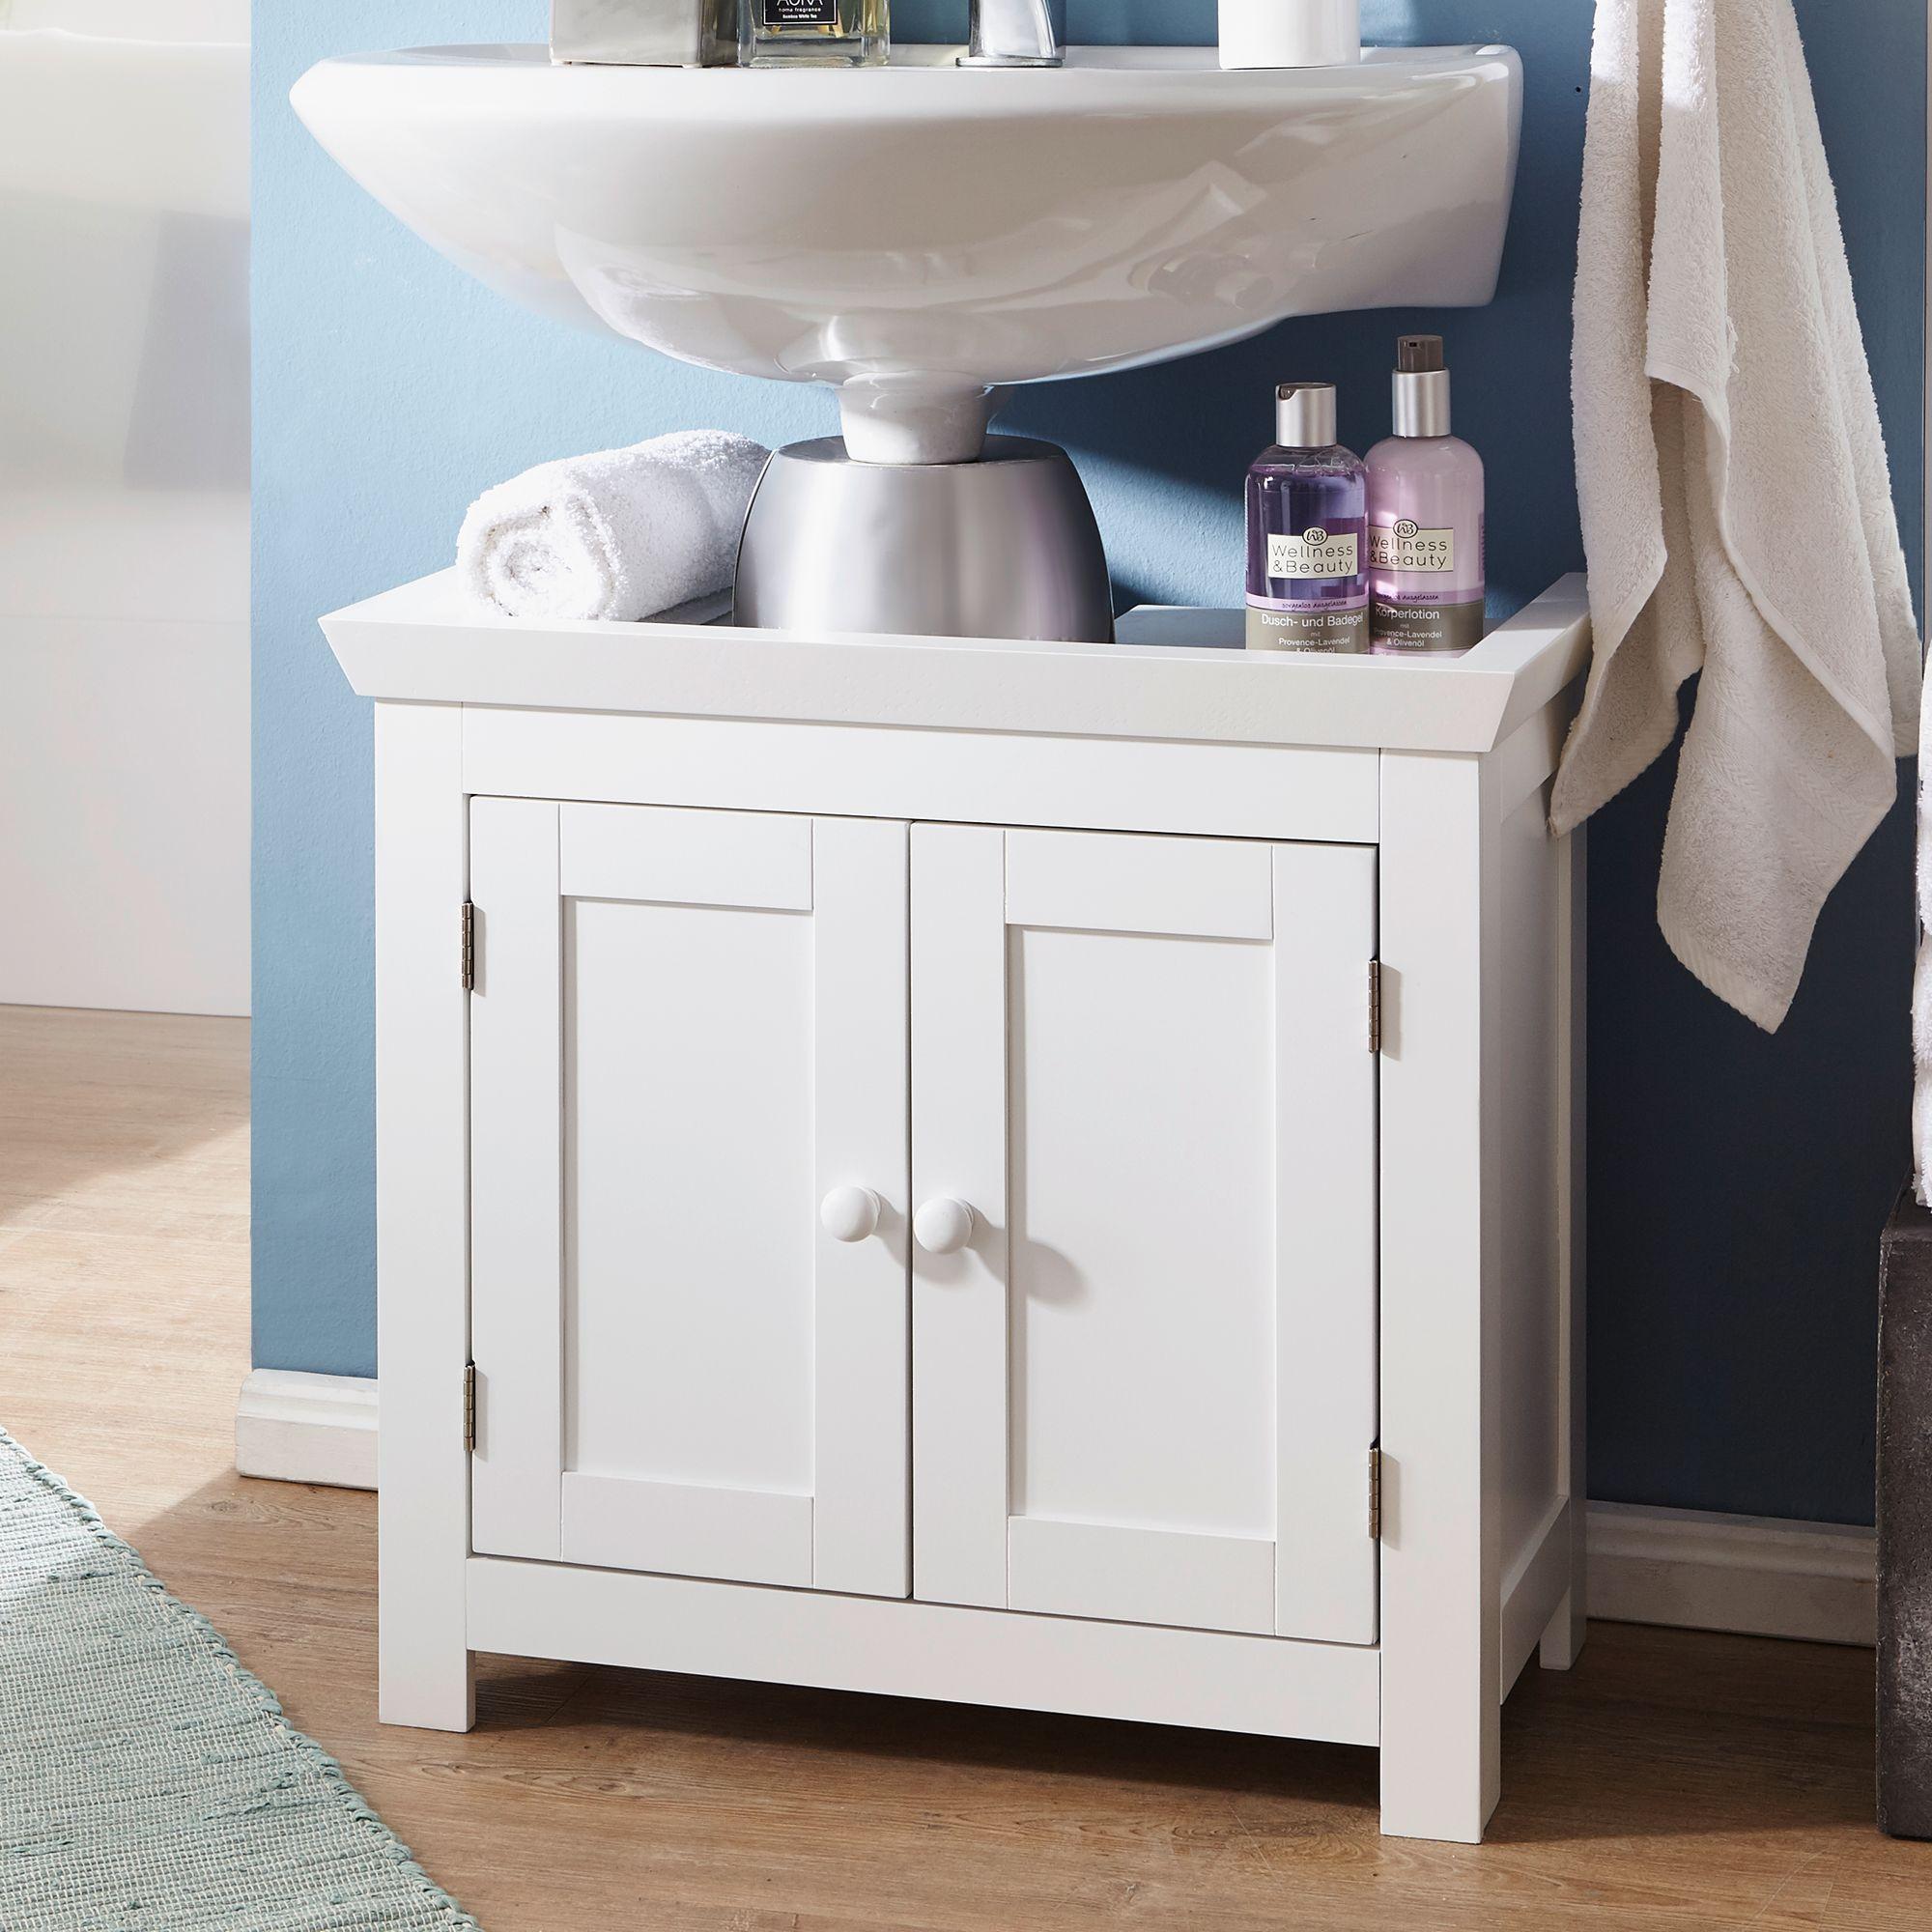 finebuy waschbeckenunterschrank fb37103 unterschrank wei 57 cm badschrank ebay